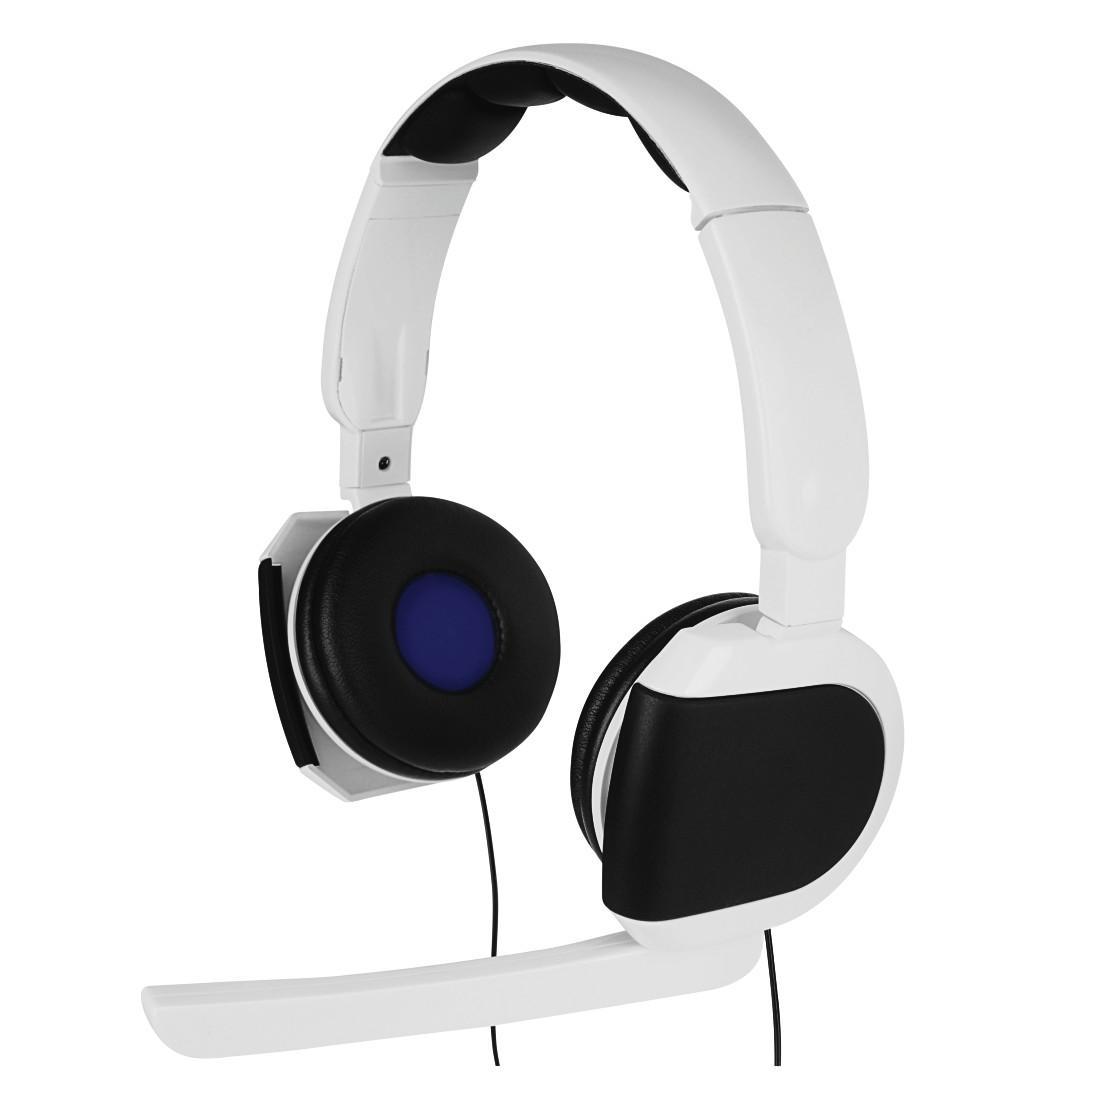 Геймърски слушалки HAMA Insomnia VR 115458 за PS4/PS VR, Черно/Бяло